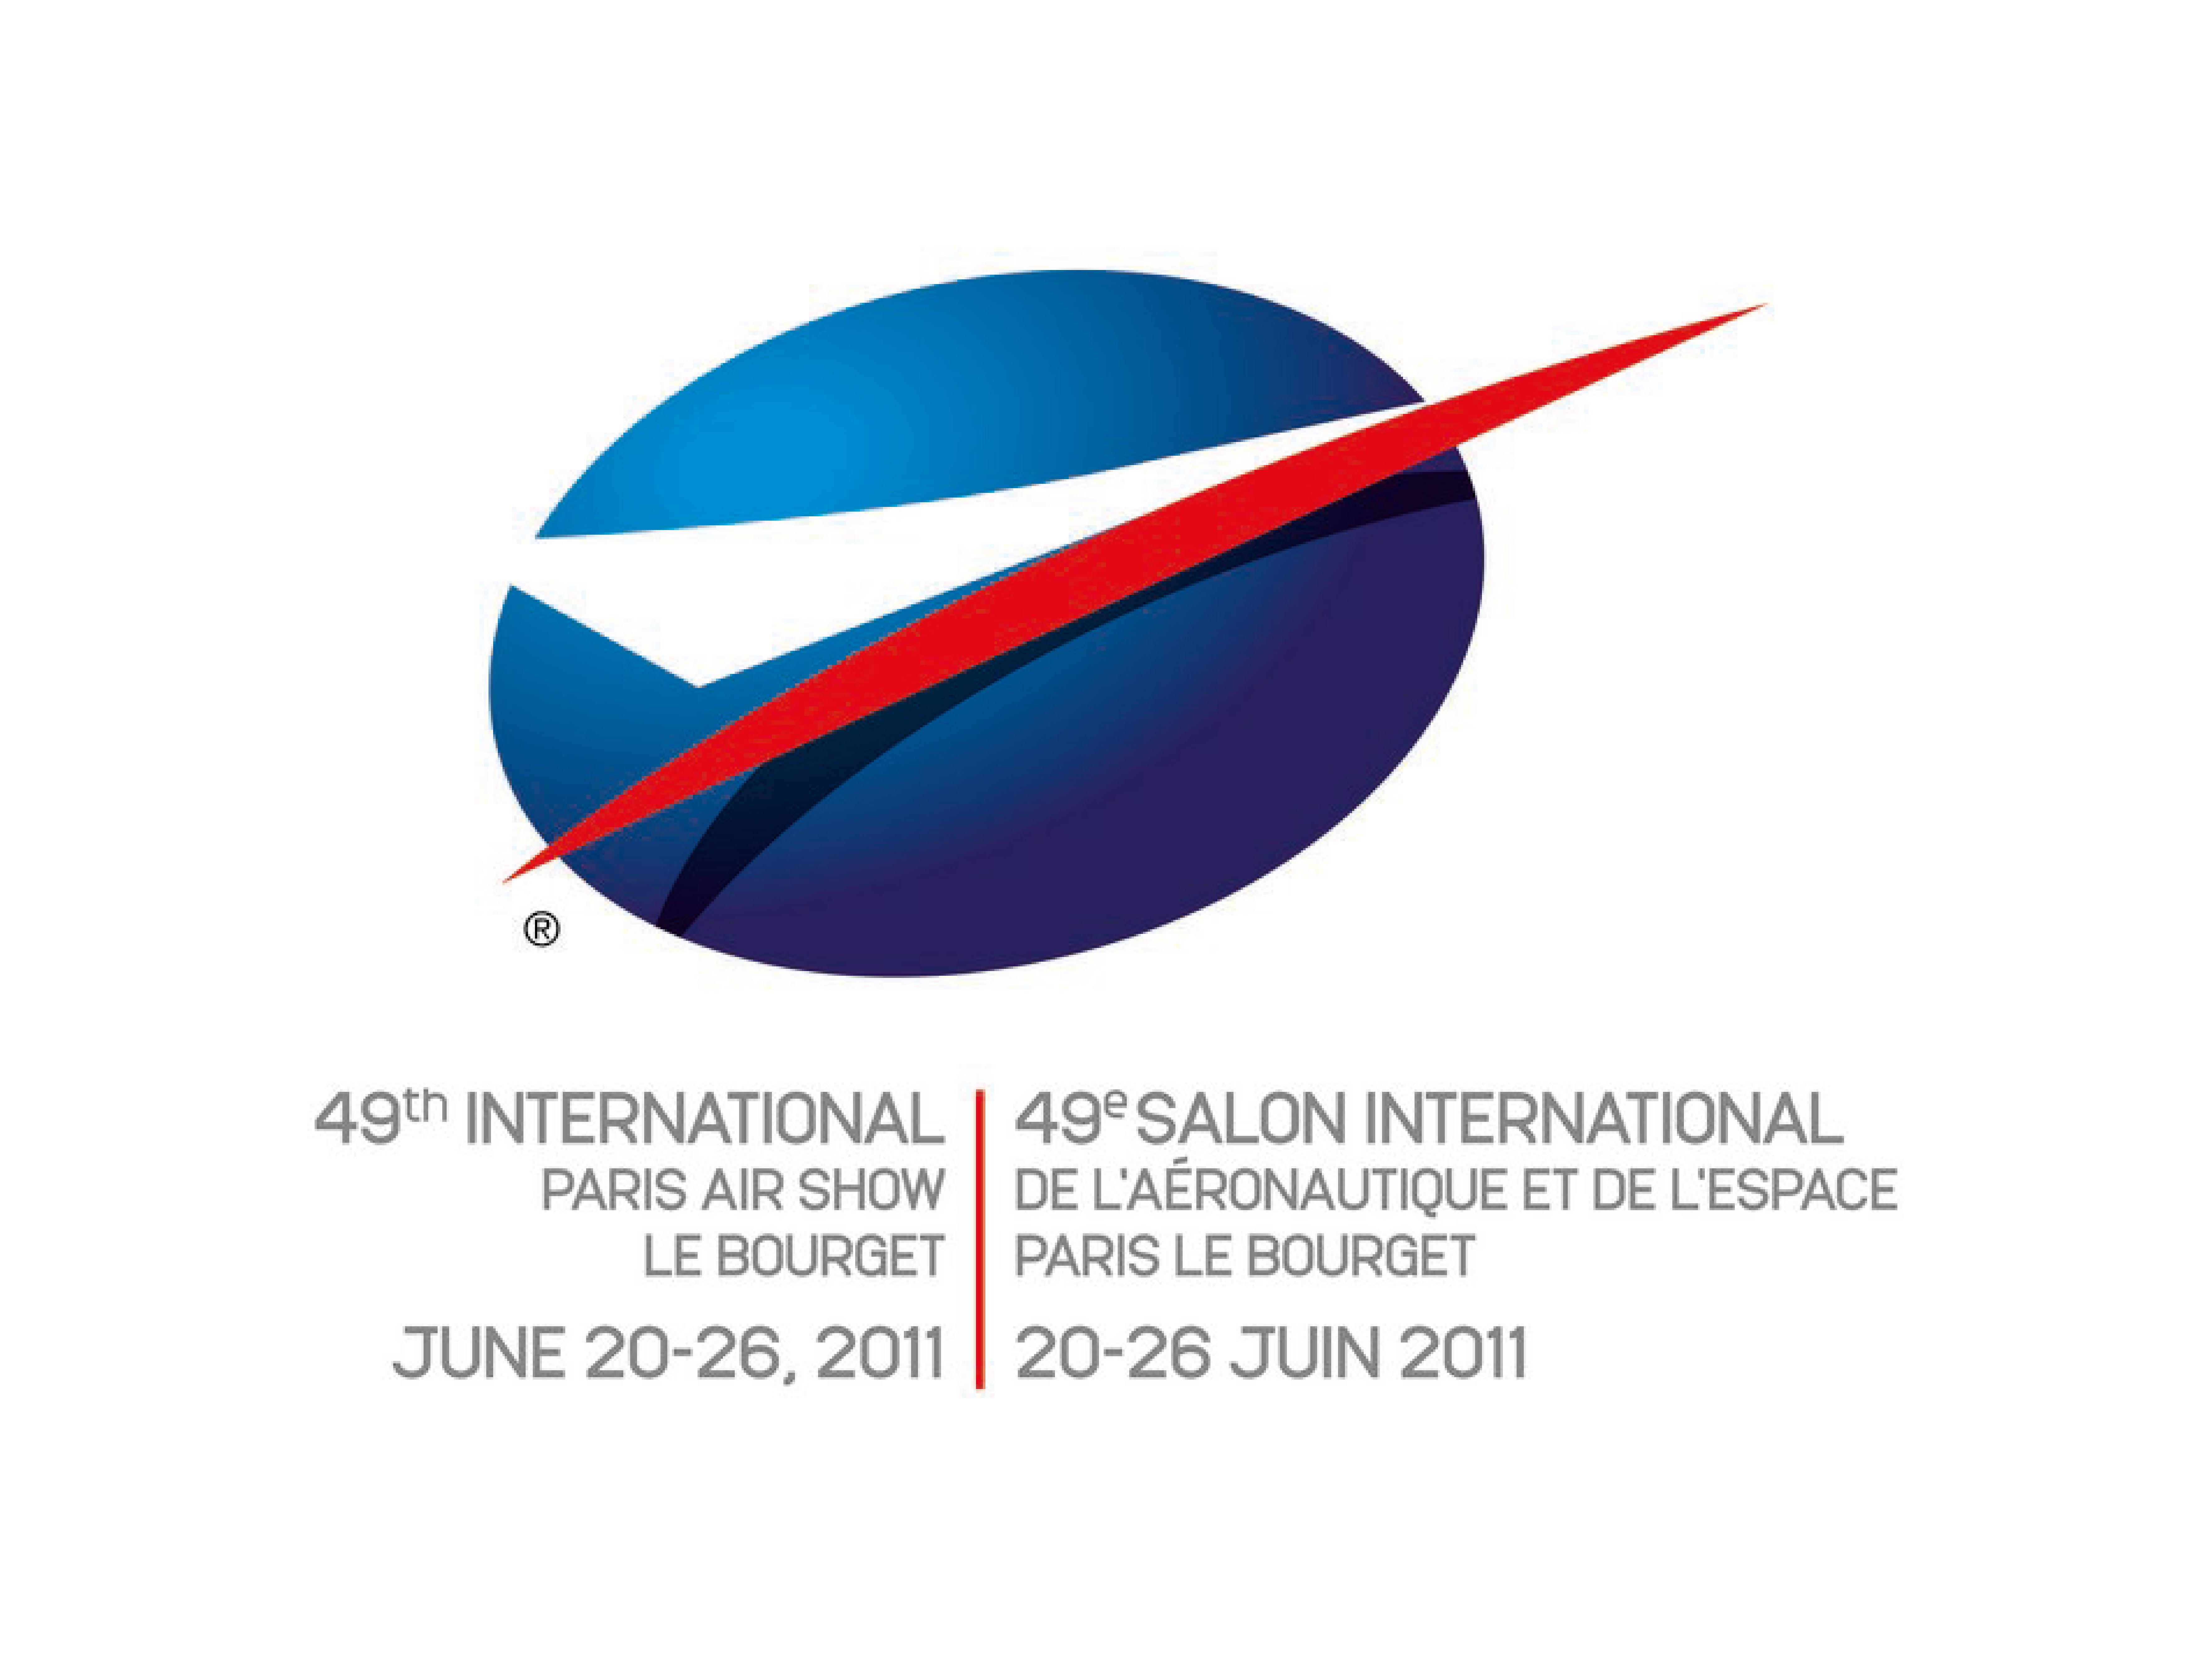 LOGO salon internation de l'aéronautique et de l'espace Paris le Bourget 20-26 juin 2011